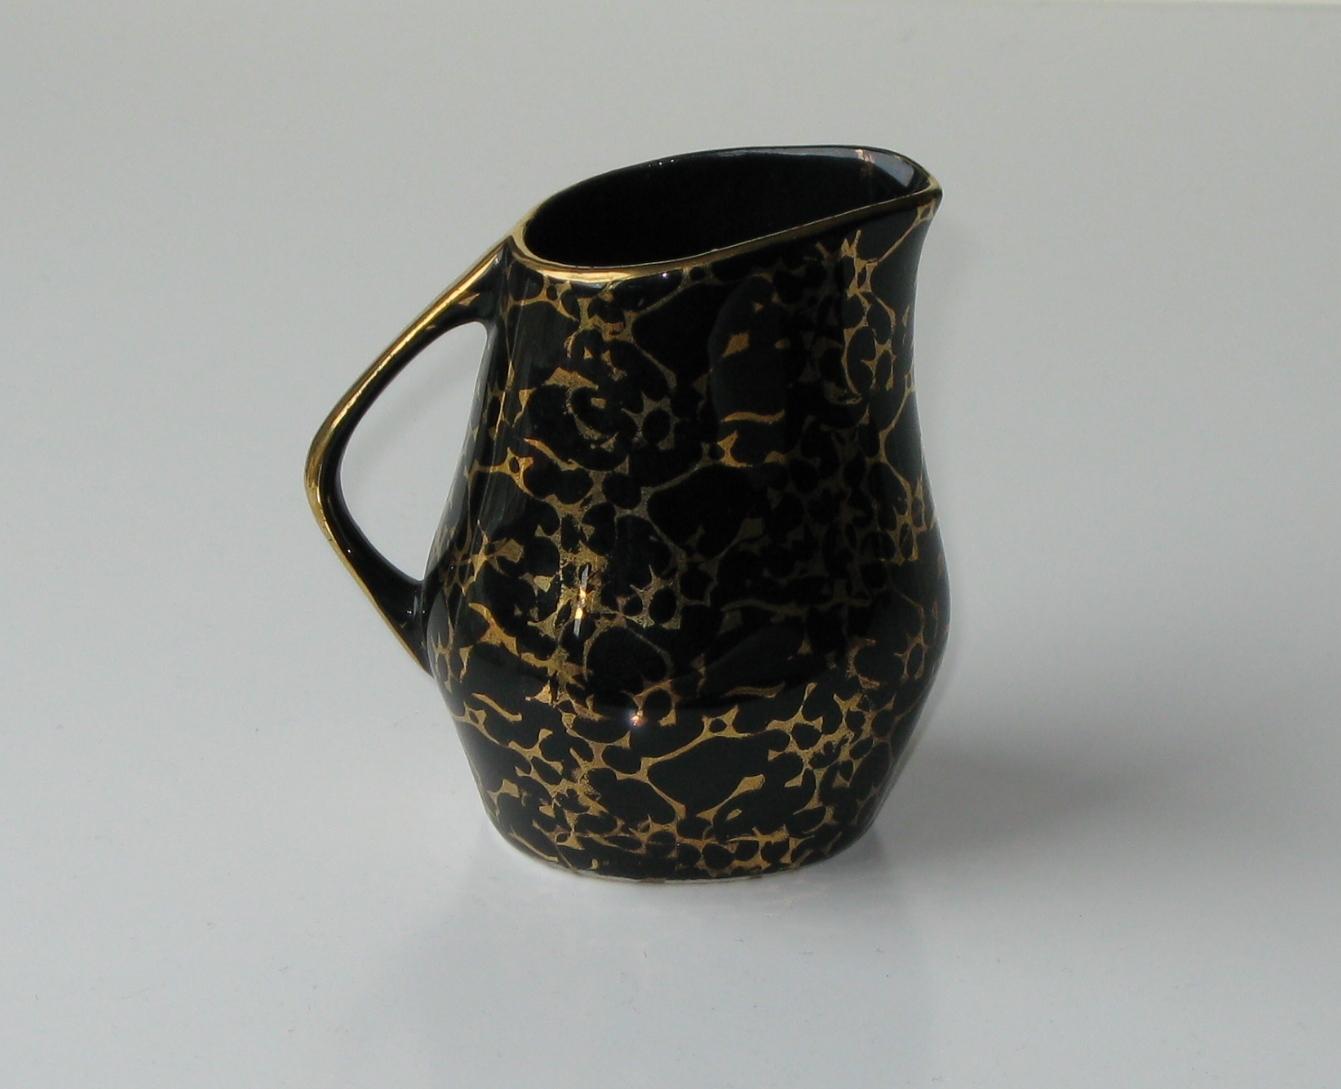 """Mlecznik serwis do kawy """"Iza"""" porcelana Chodzież"""